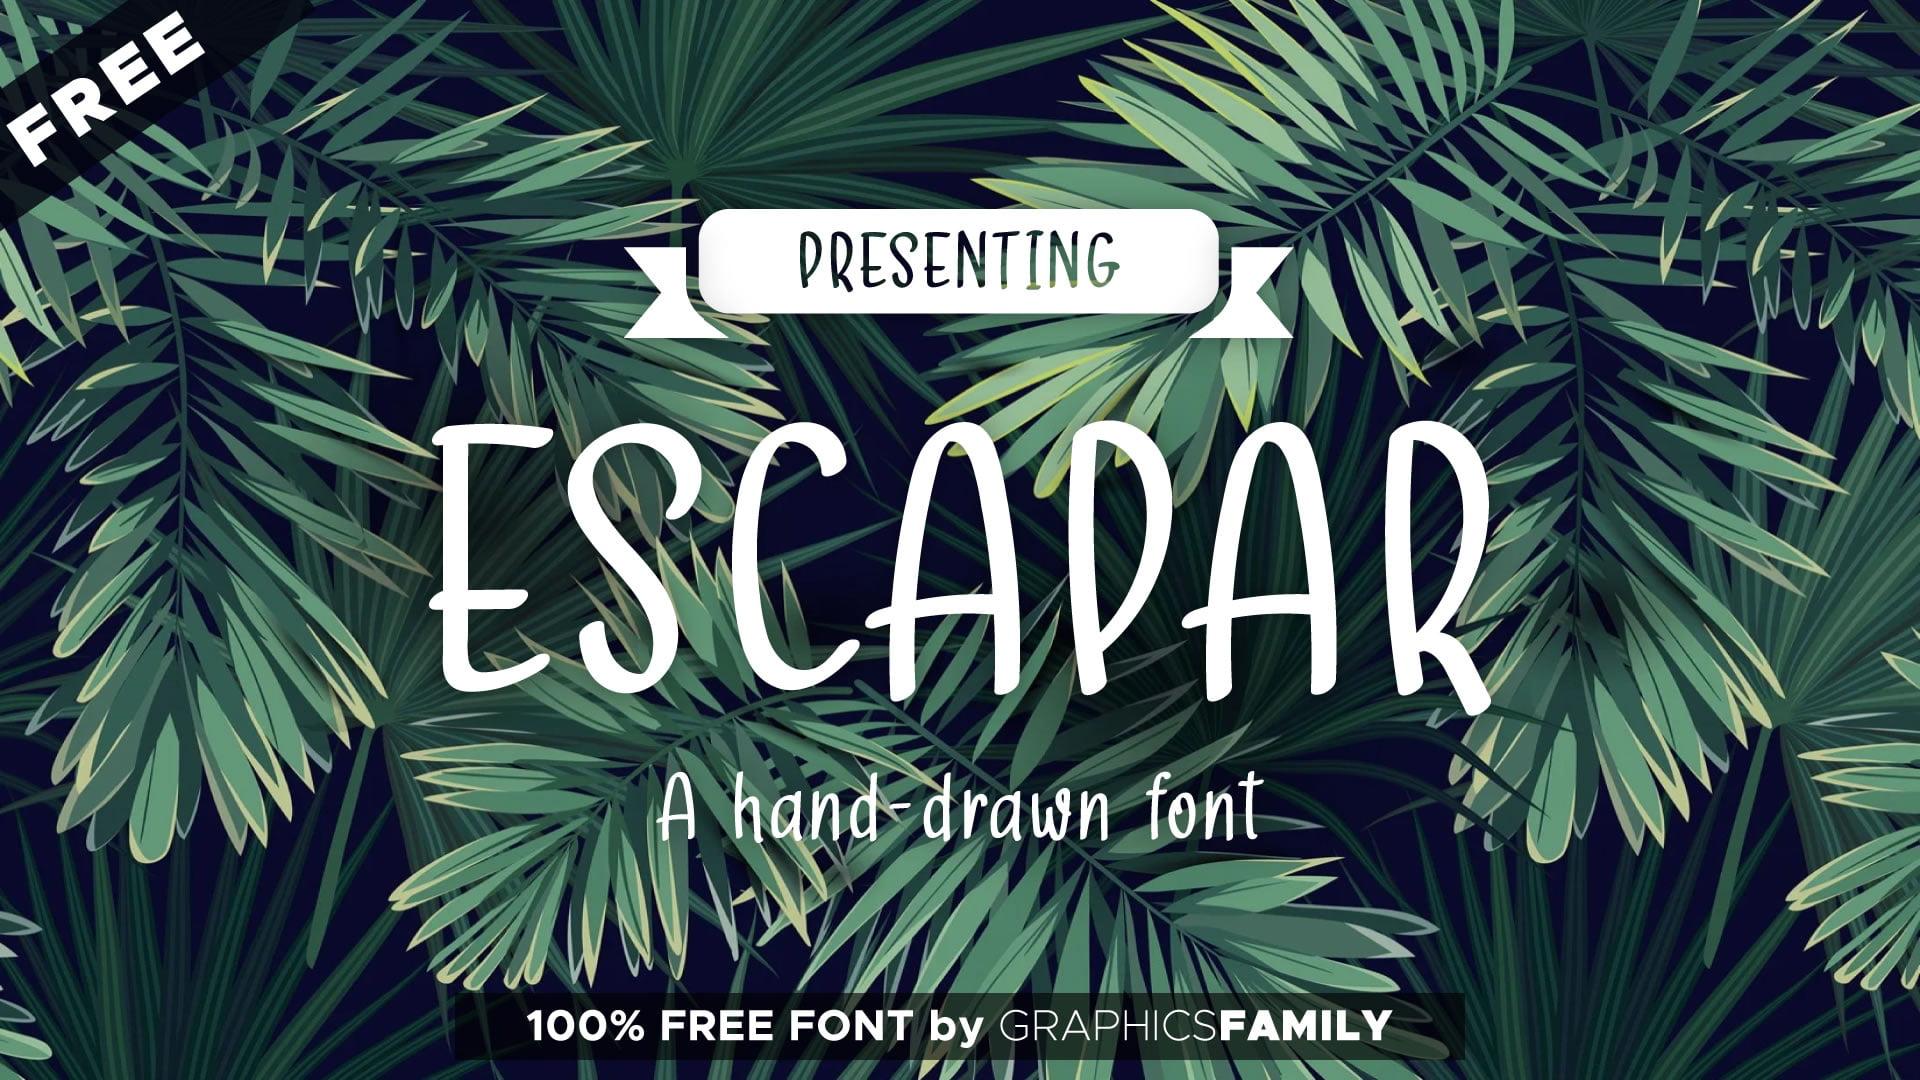 Free Escapar Font